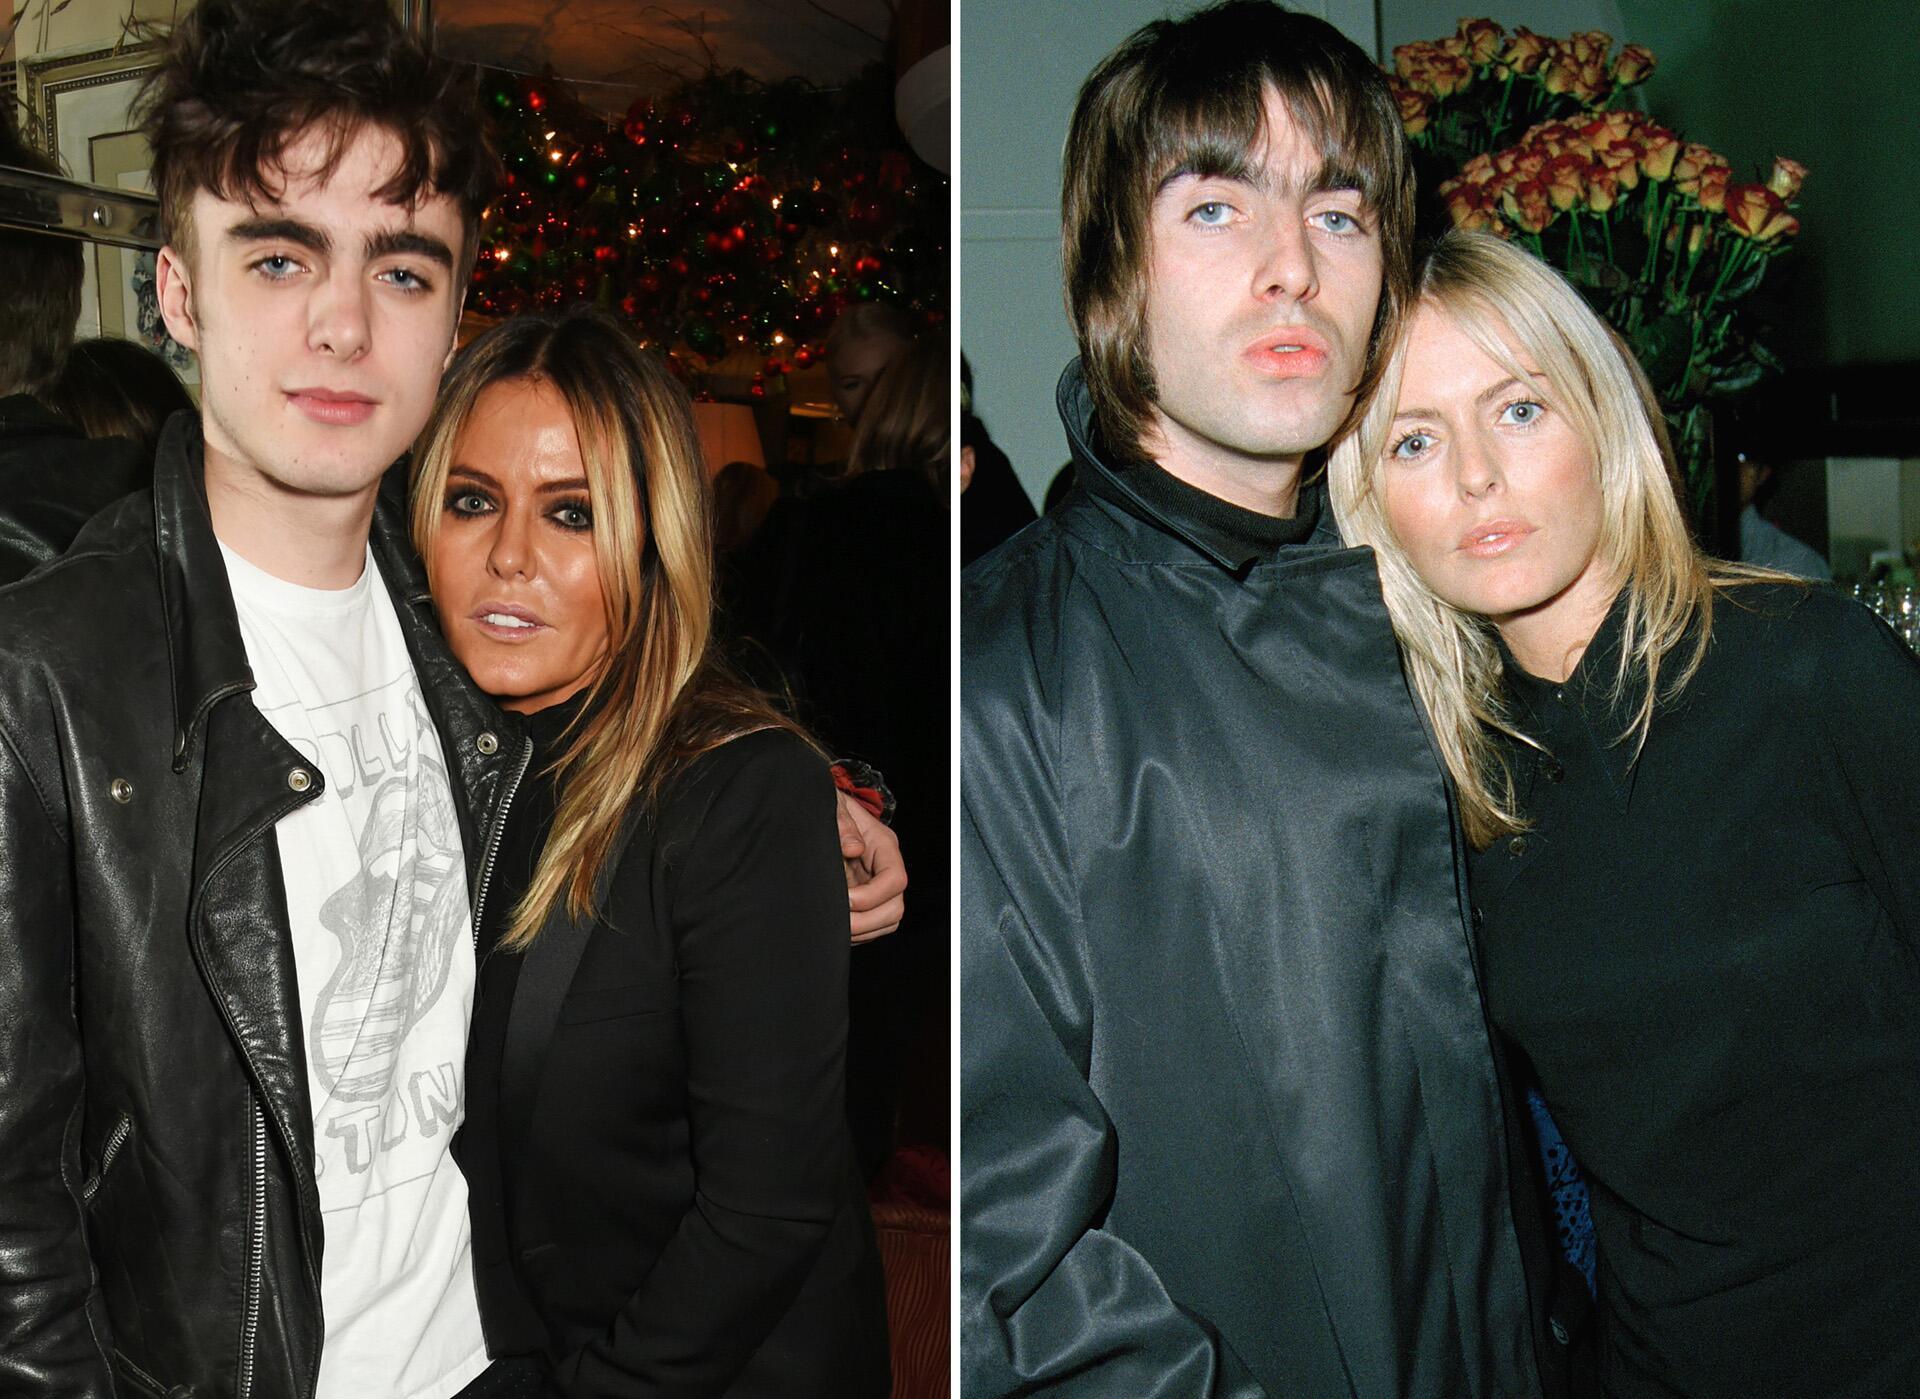 Bild zu Lennon Gallagher, Liam Gallagher